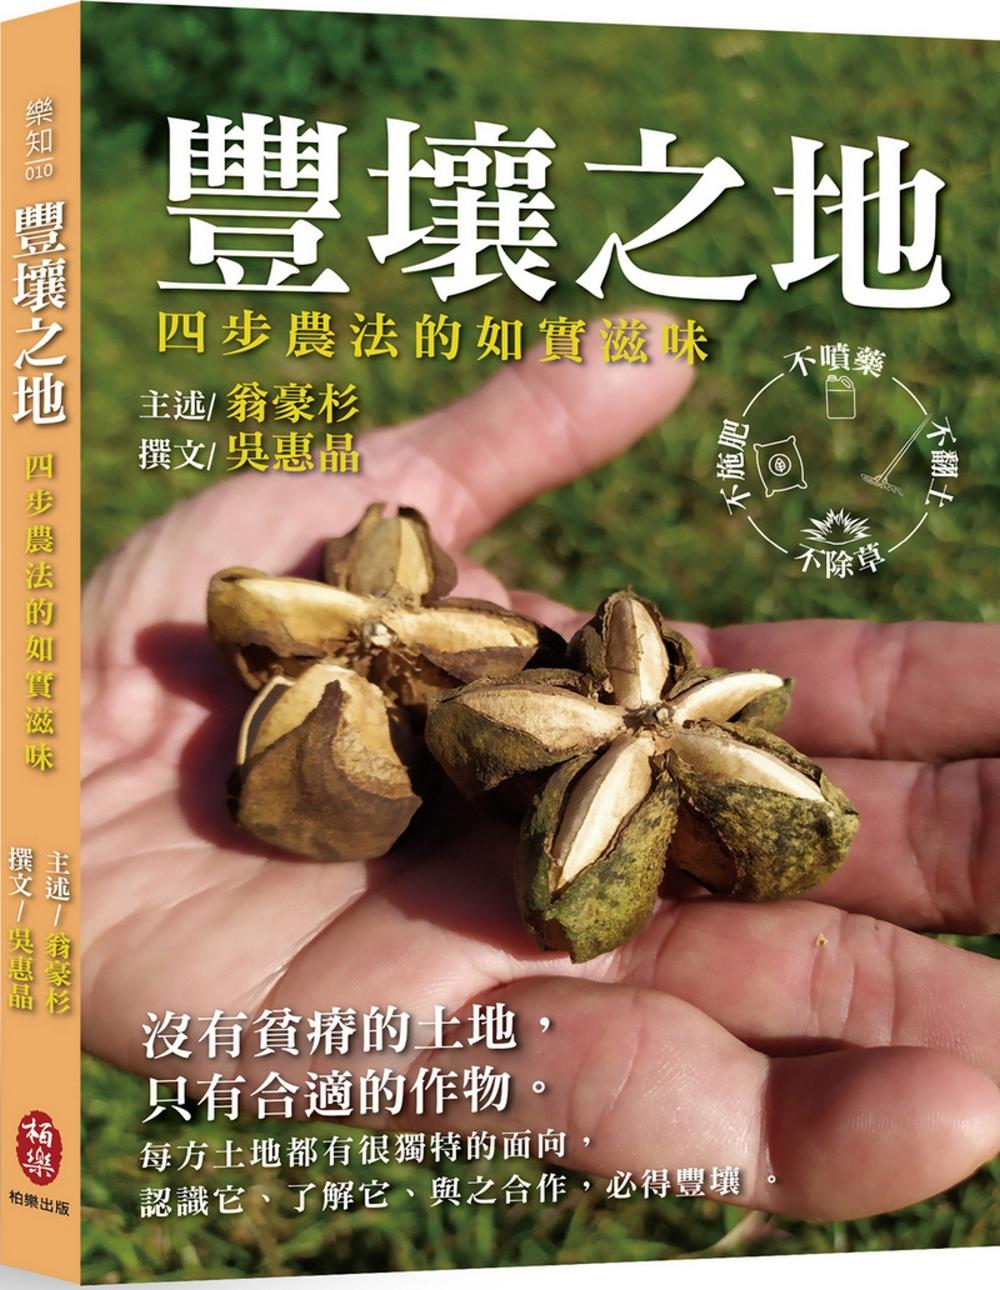 豐壤之地:四步農法的如實滋味